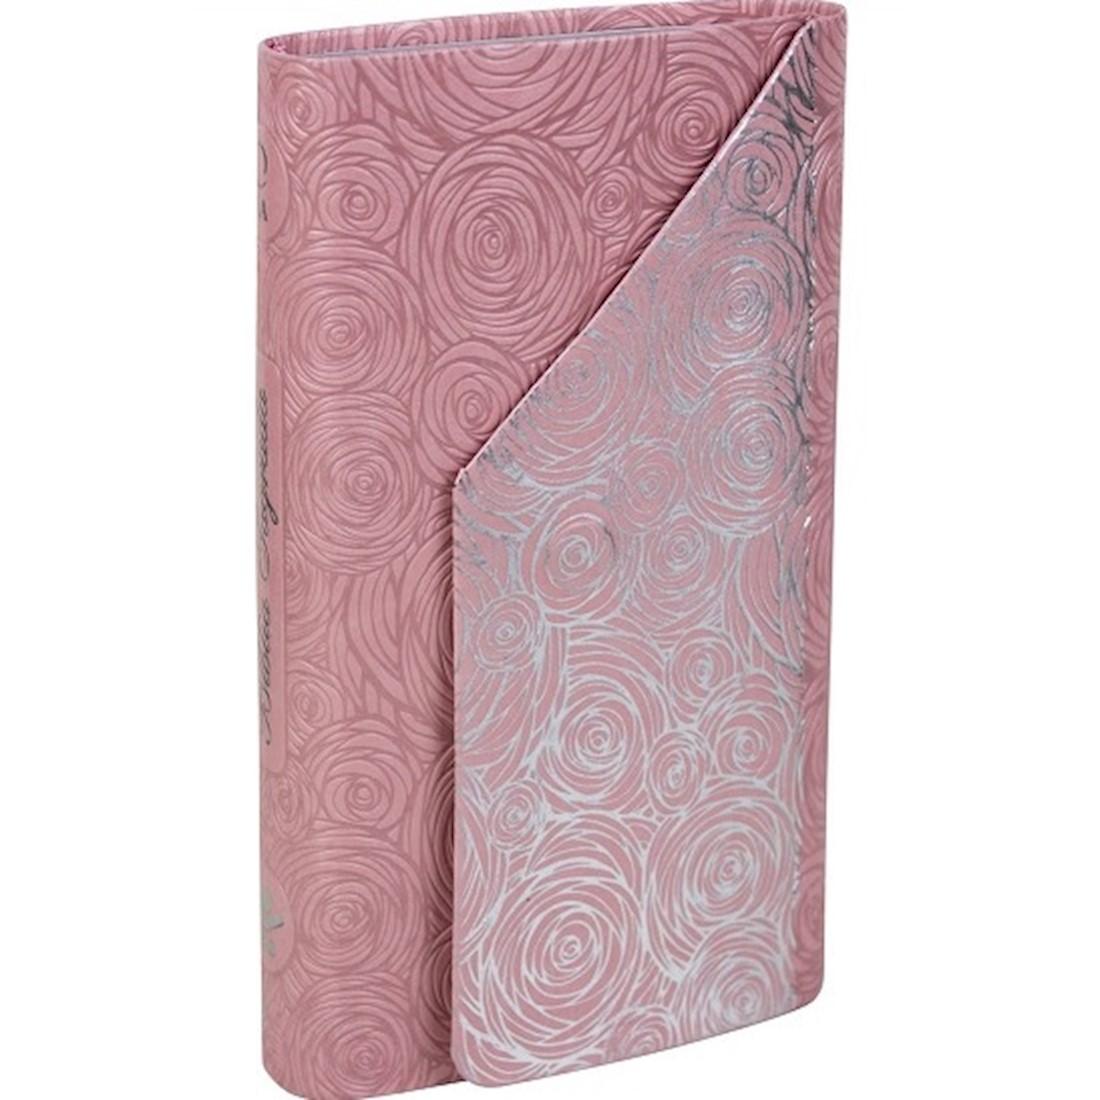 Bíblia Sagrada Carteira Rosa Claro - RA